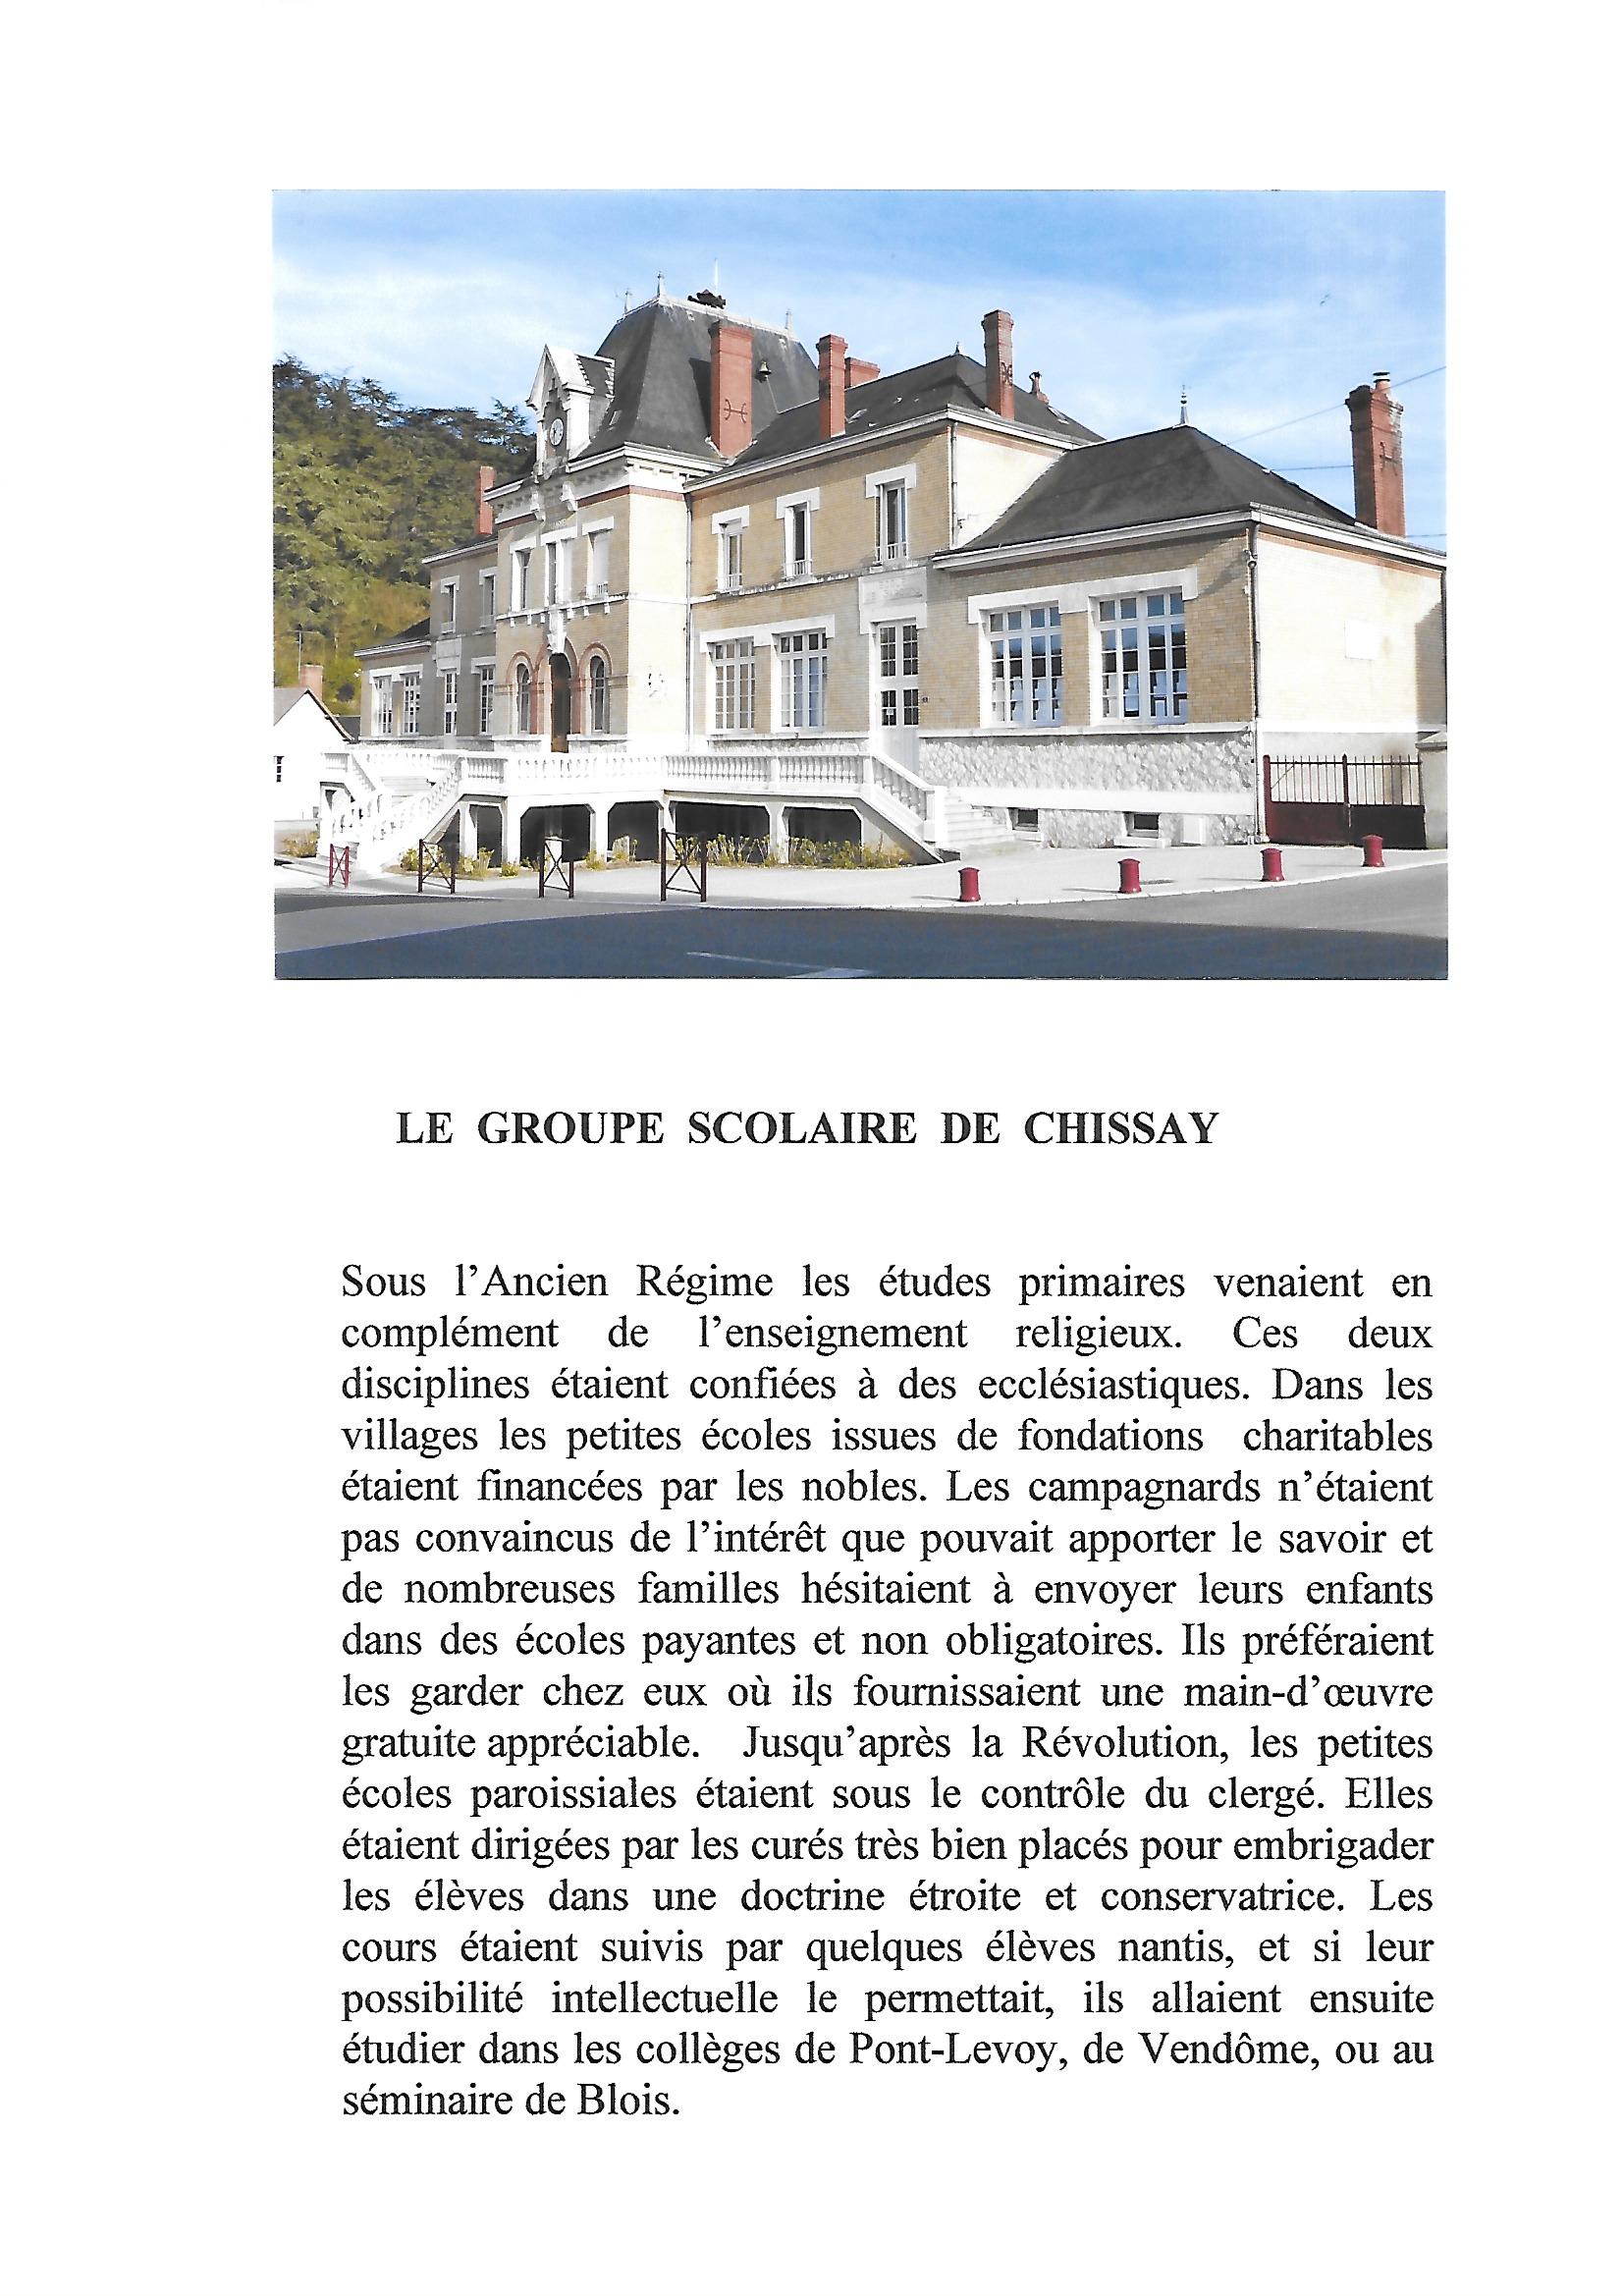 Groupe scolaire de Chissay page 1 - image/jpeg